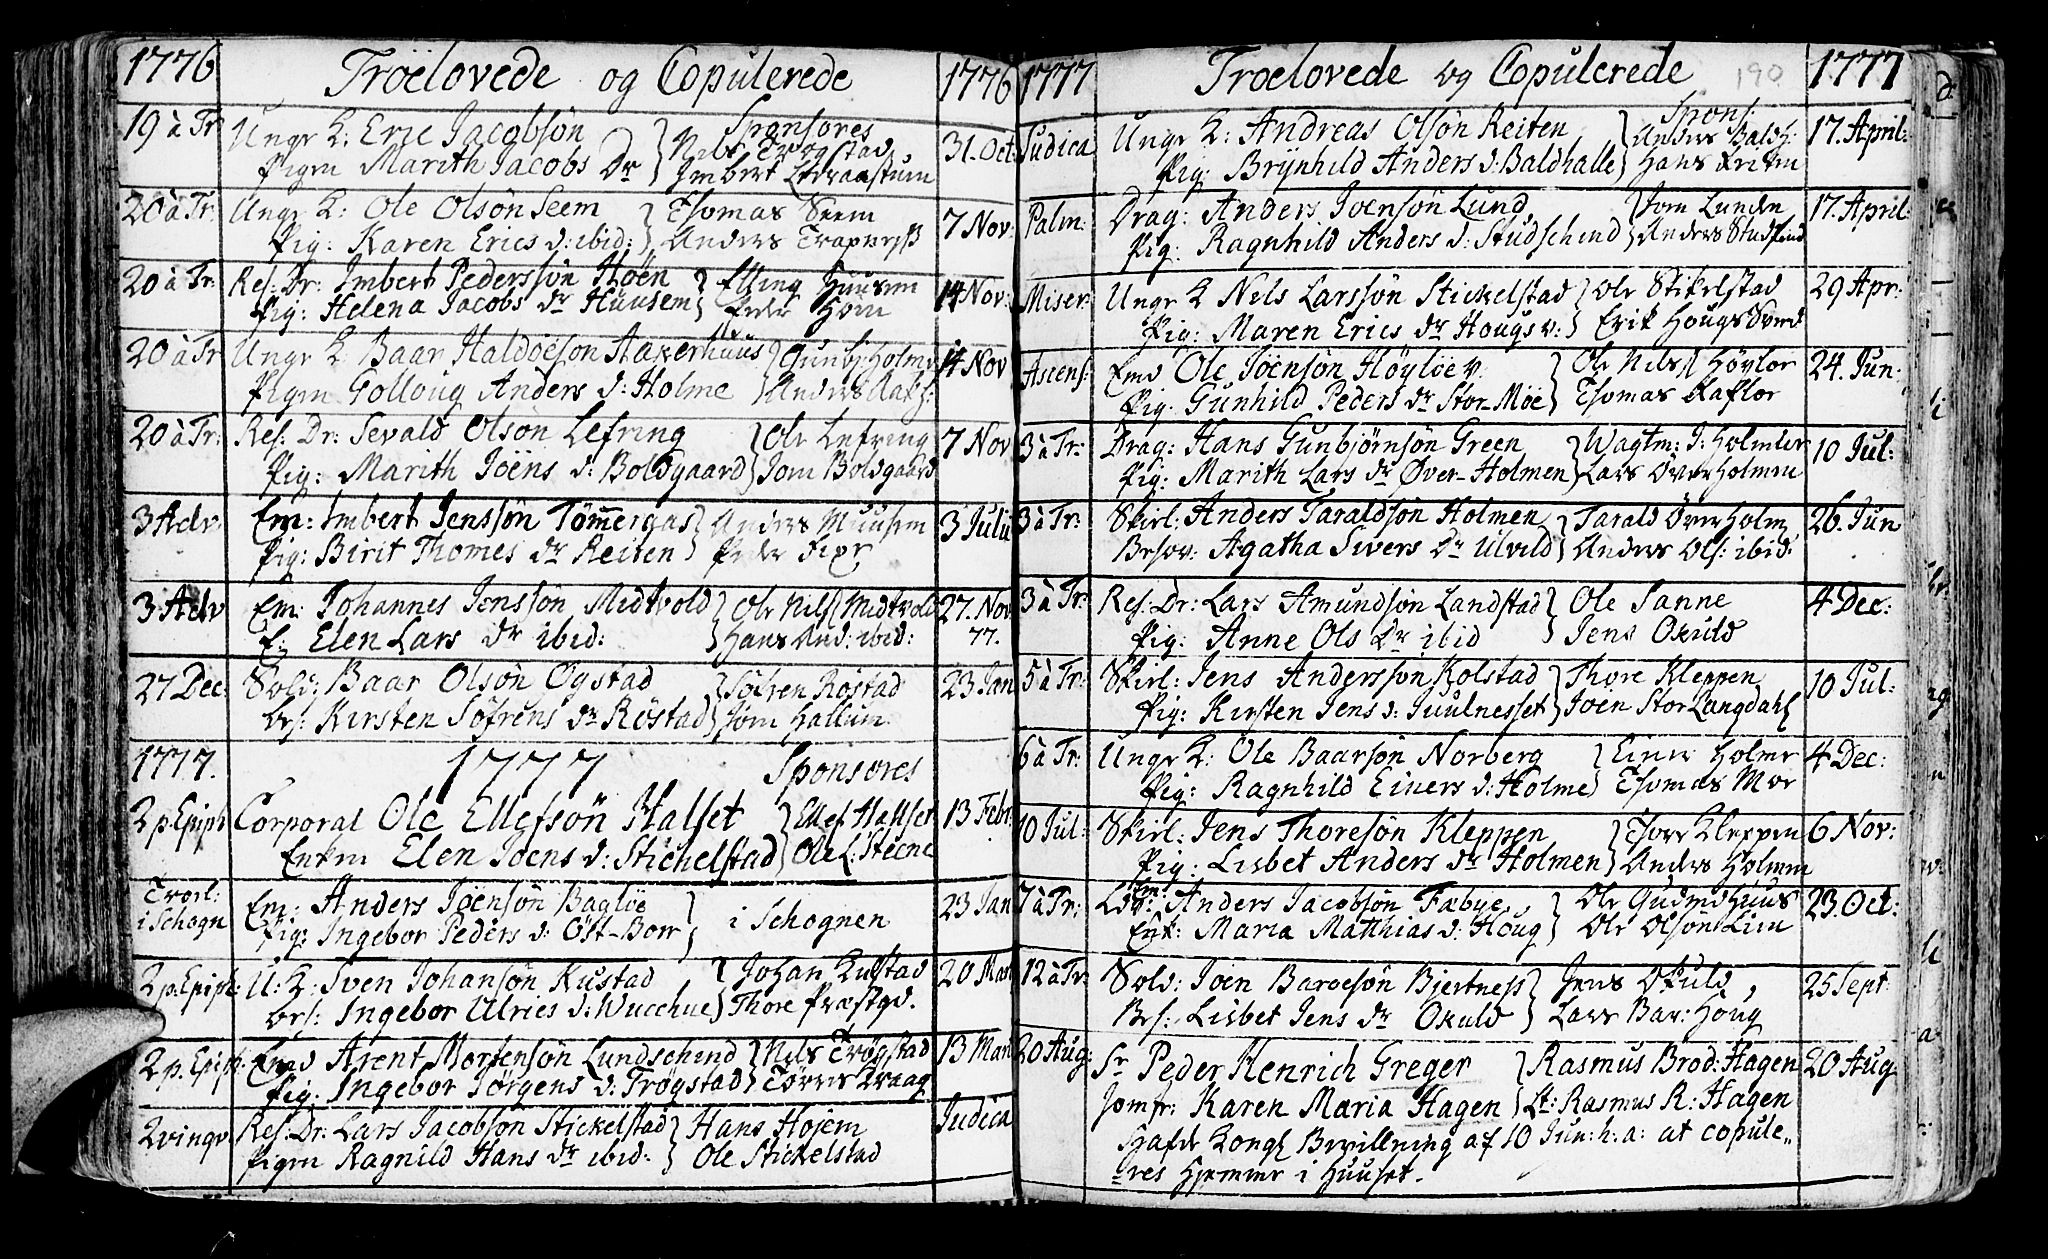 SAT, Ministerialprotokoller, klokkerbøker og fødselsregistre - Nord-Trøndelag, 723/L0231: Ministerialbok nr. 723A02, 1748-1780, s. 190